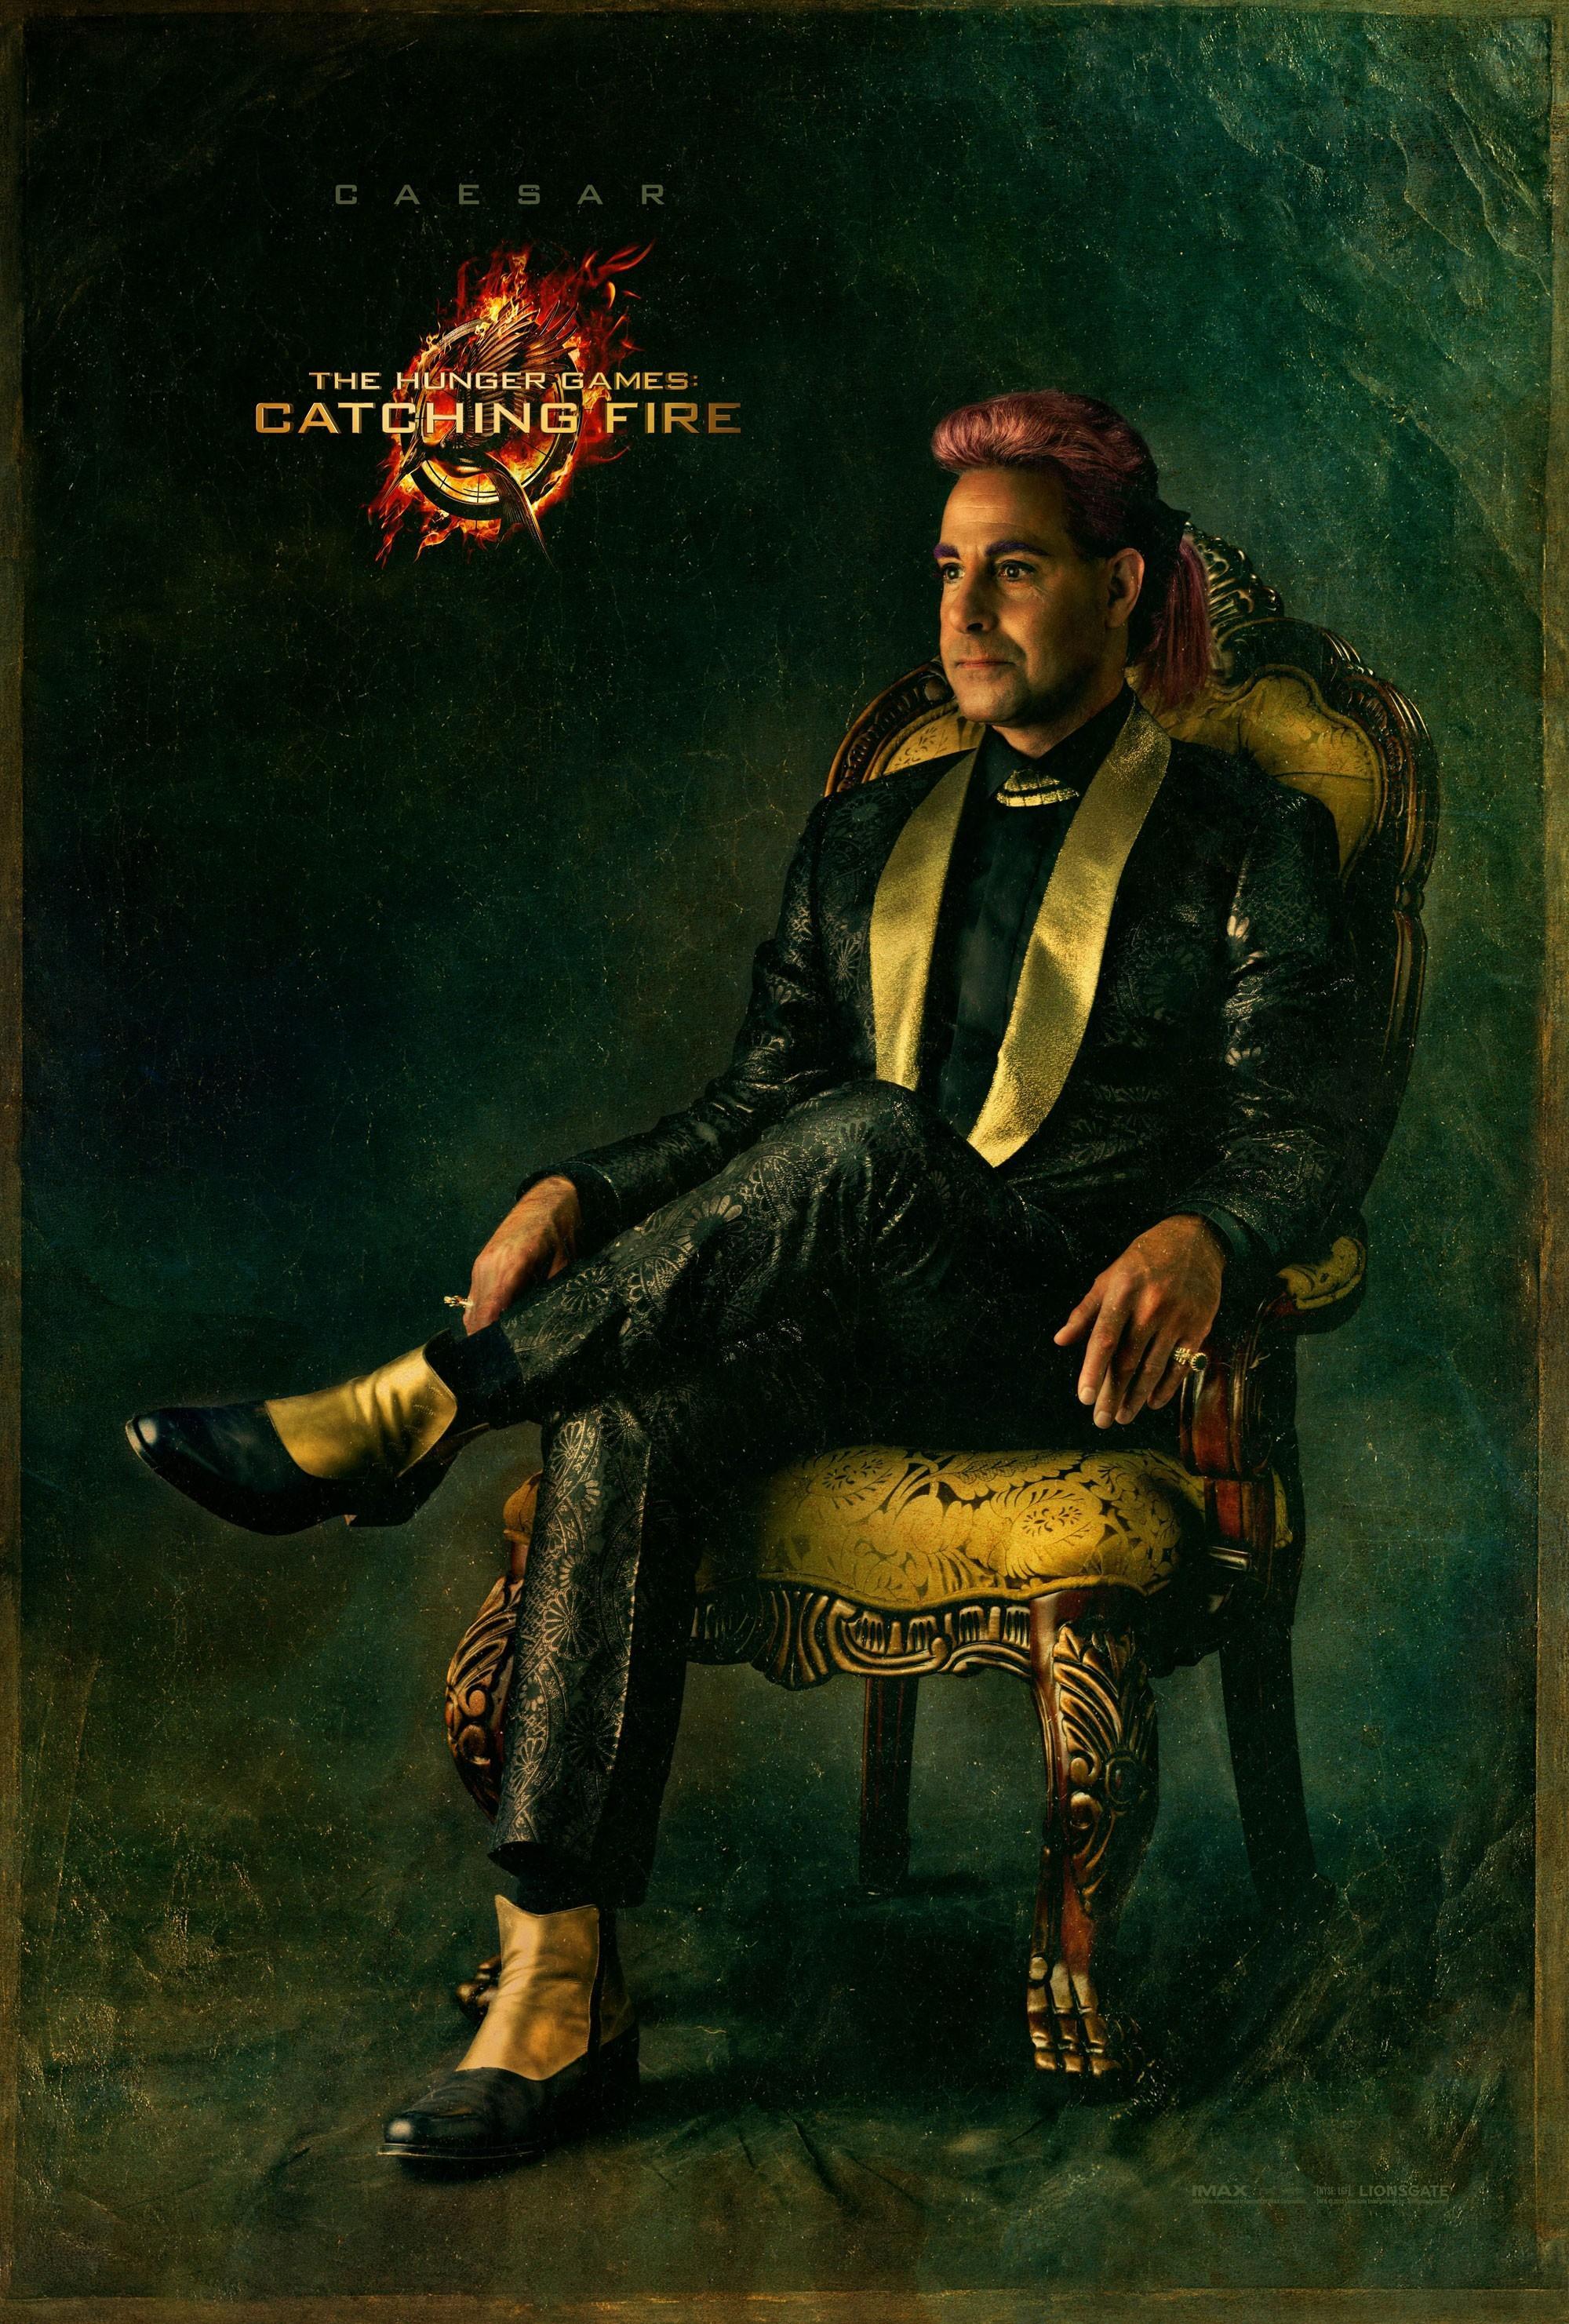 《饥饿游戏:星火燎原》(The Hunger Games: Catching Fire)曝角色海报